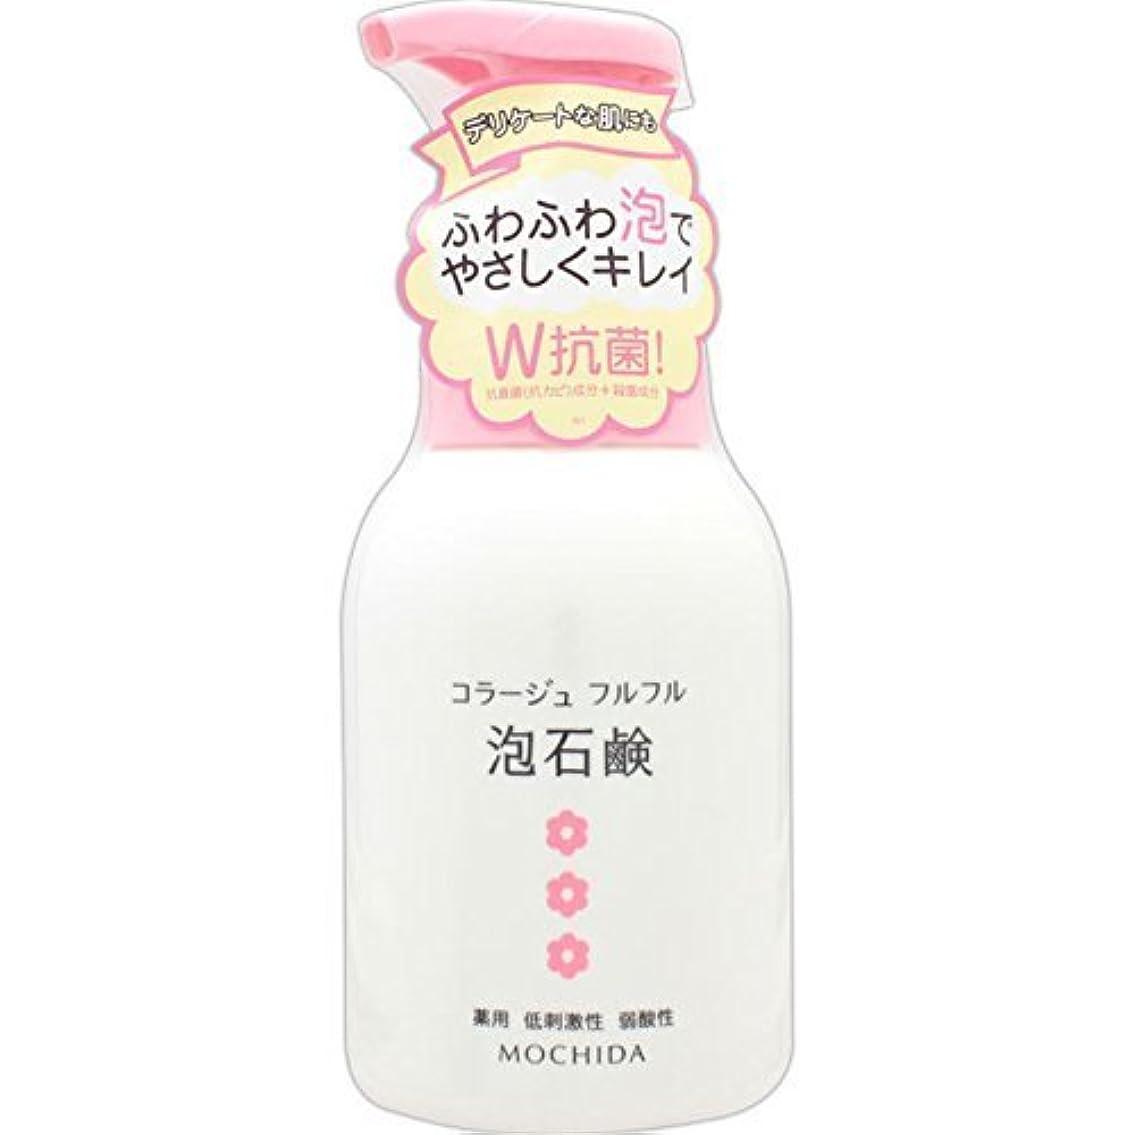 バイパスクレデンシャル走るコラージュフルフル 泡石鹸 ピンク 300m L (医薬部外品) ×9